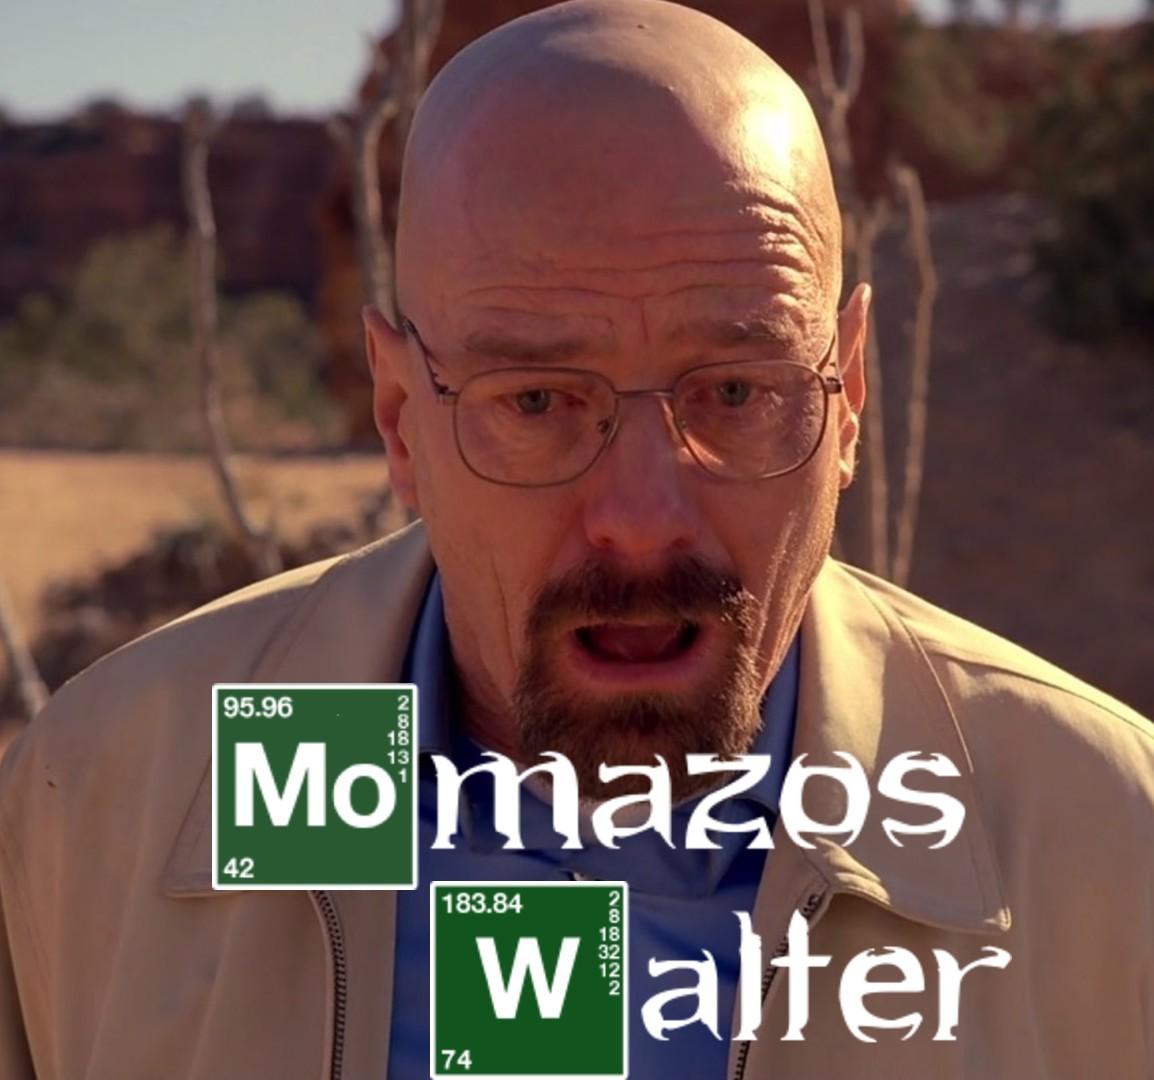 Vi un post de Walter queriendo cocinar momazos así que le hice una marca de agua (ayuda se me acaban las ideas para memes)